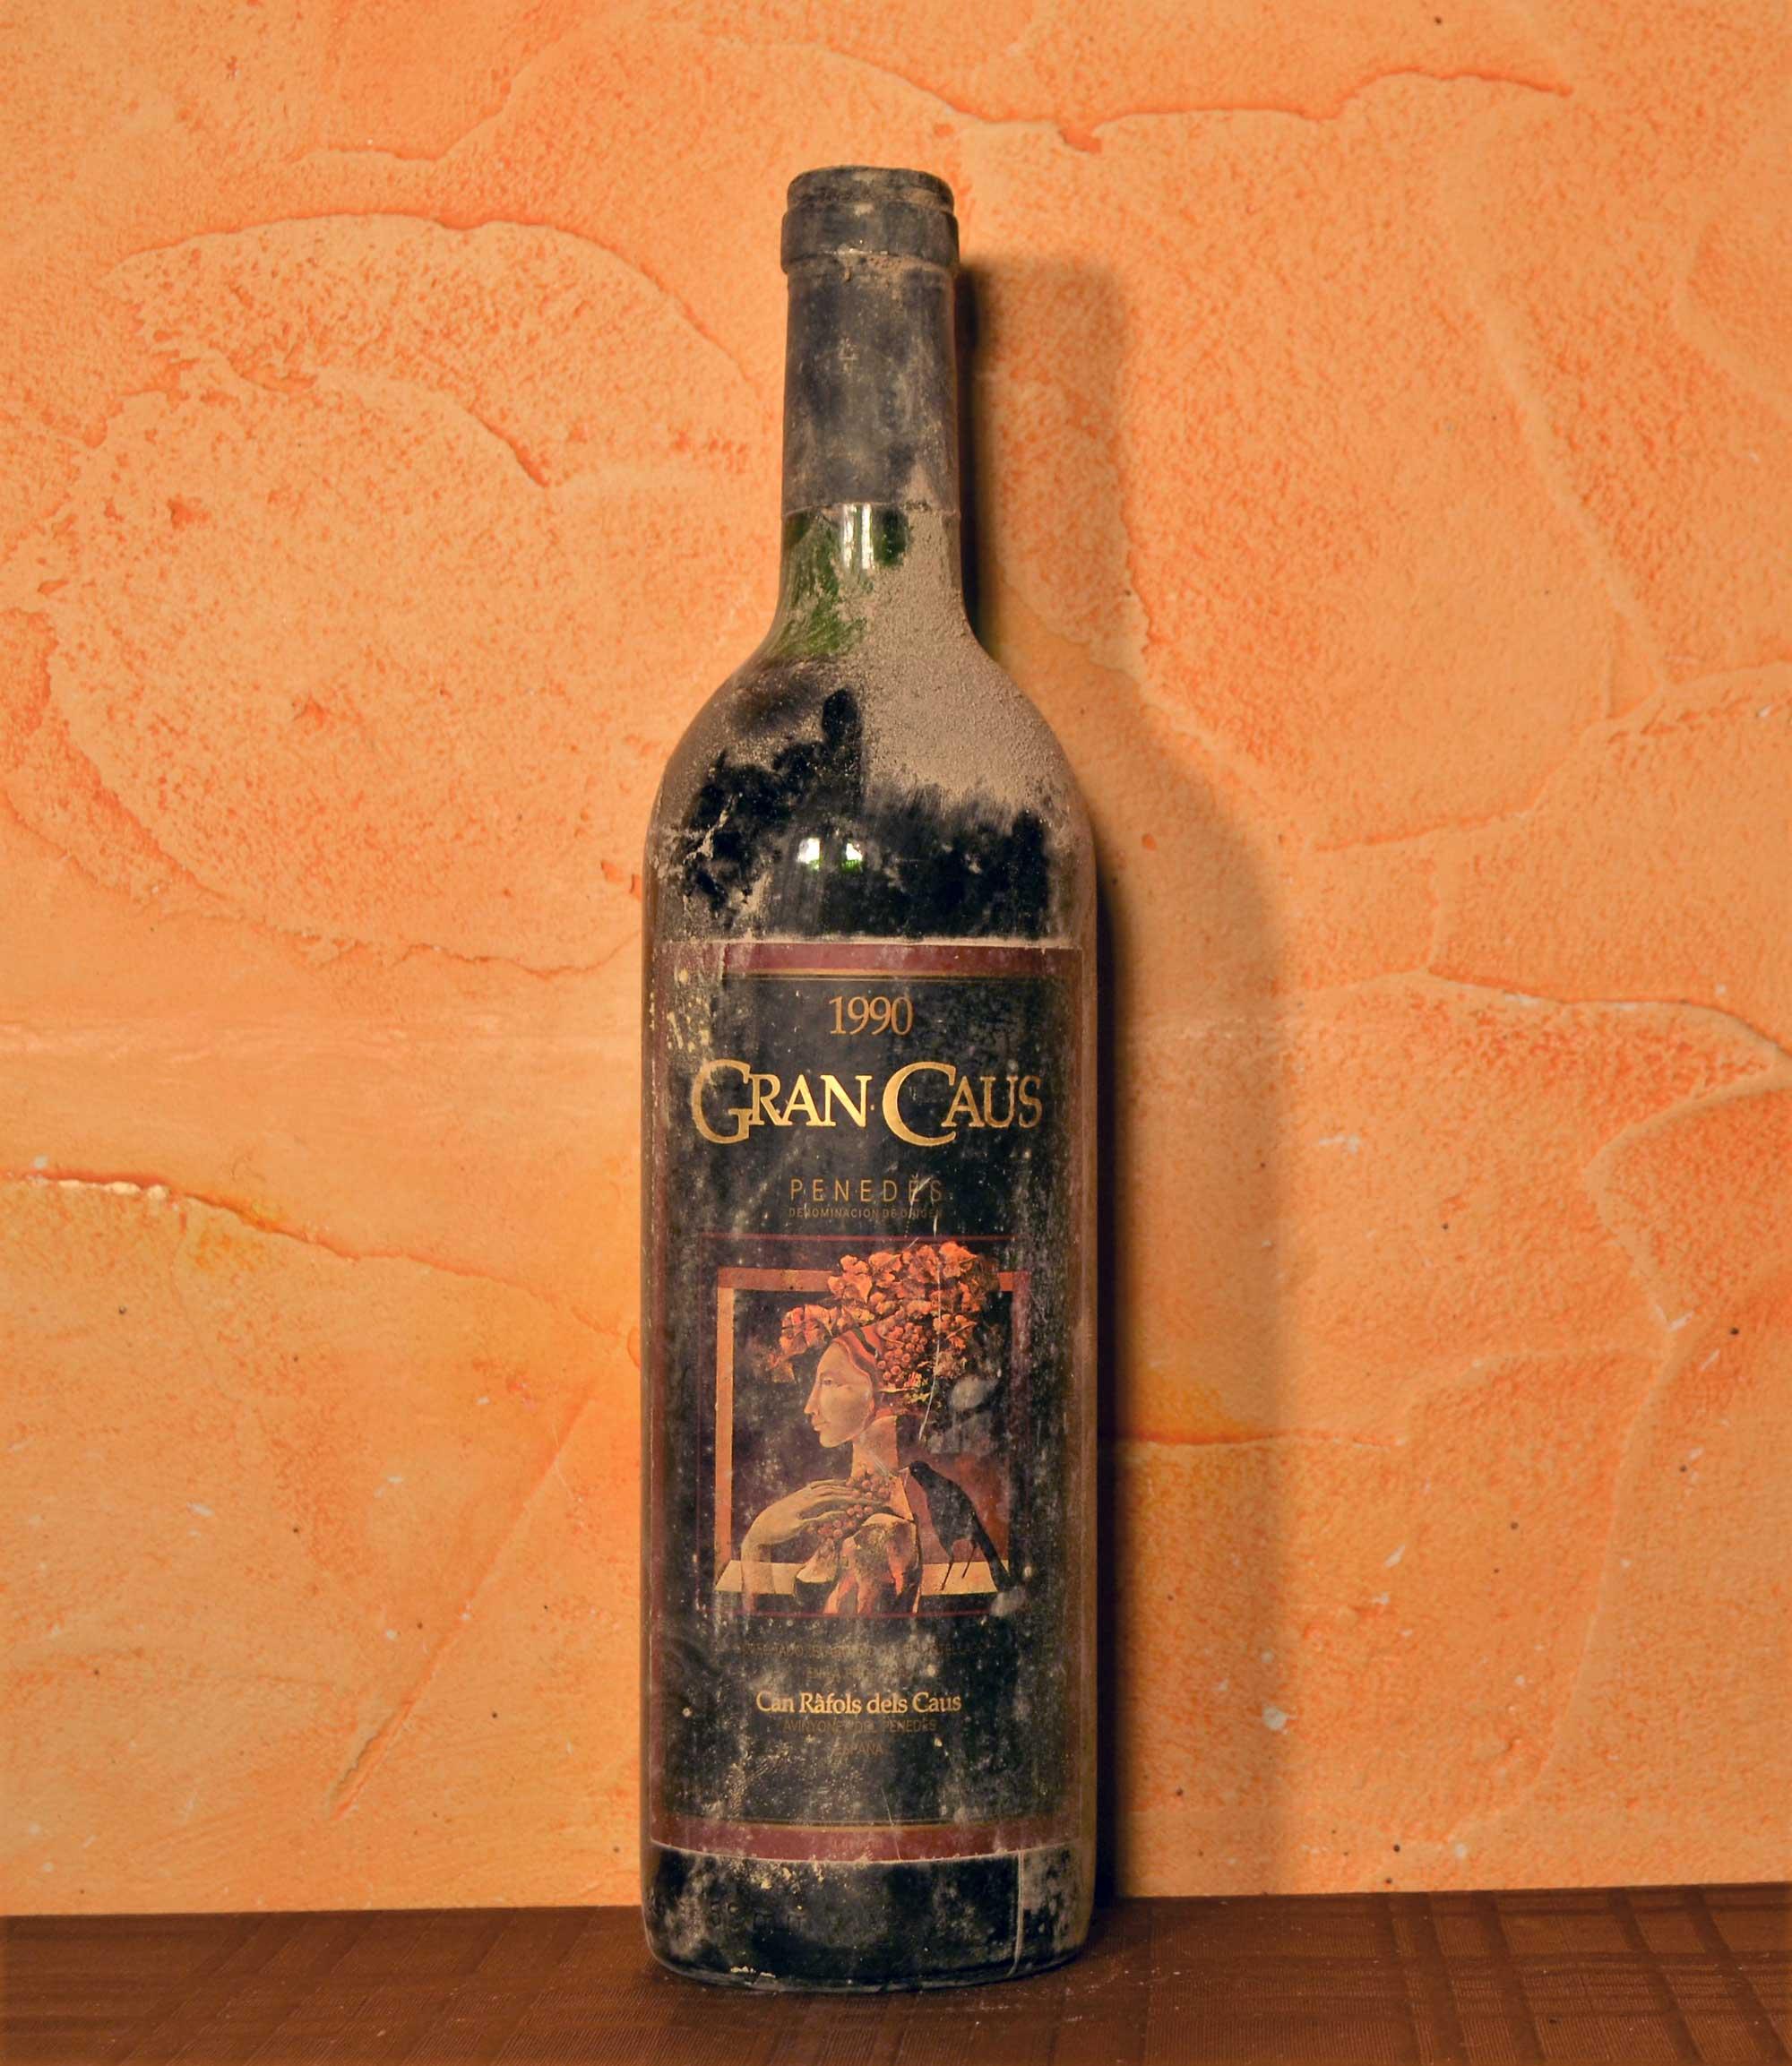 Gran Caus 1990